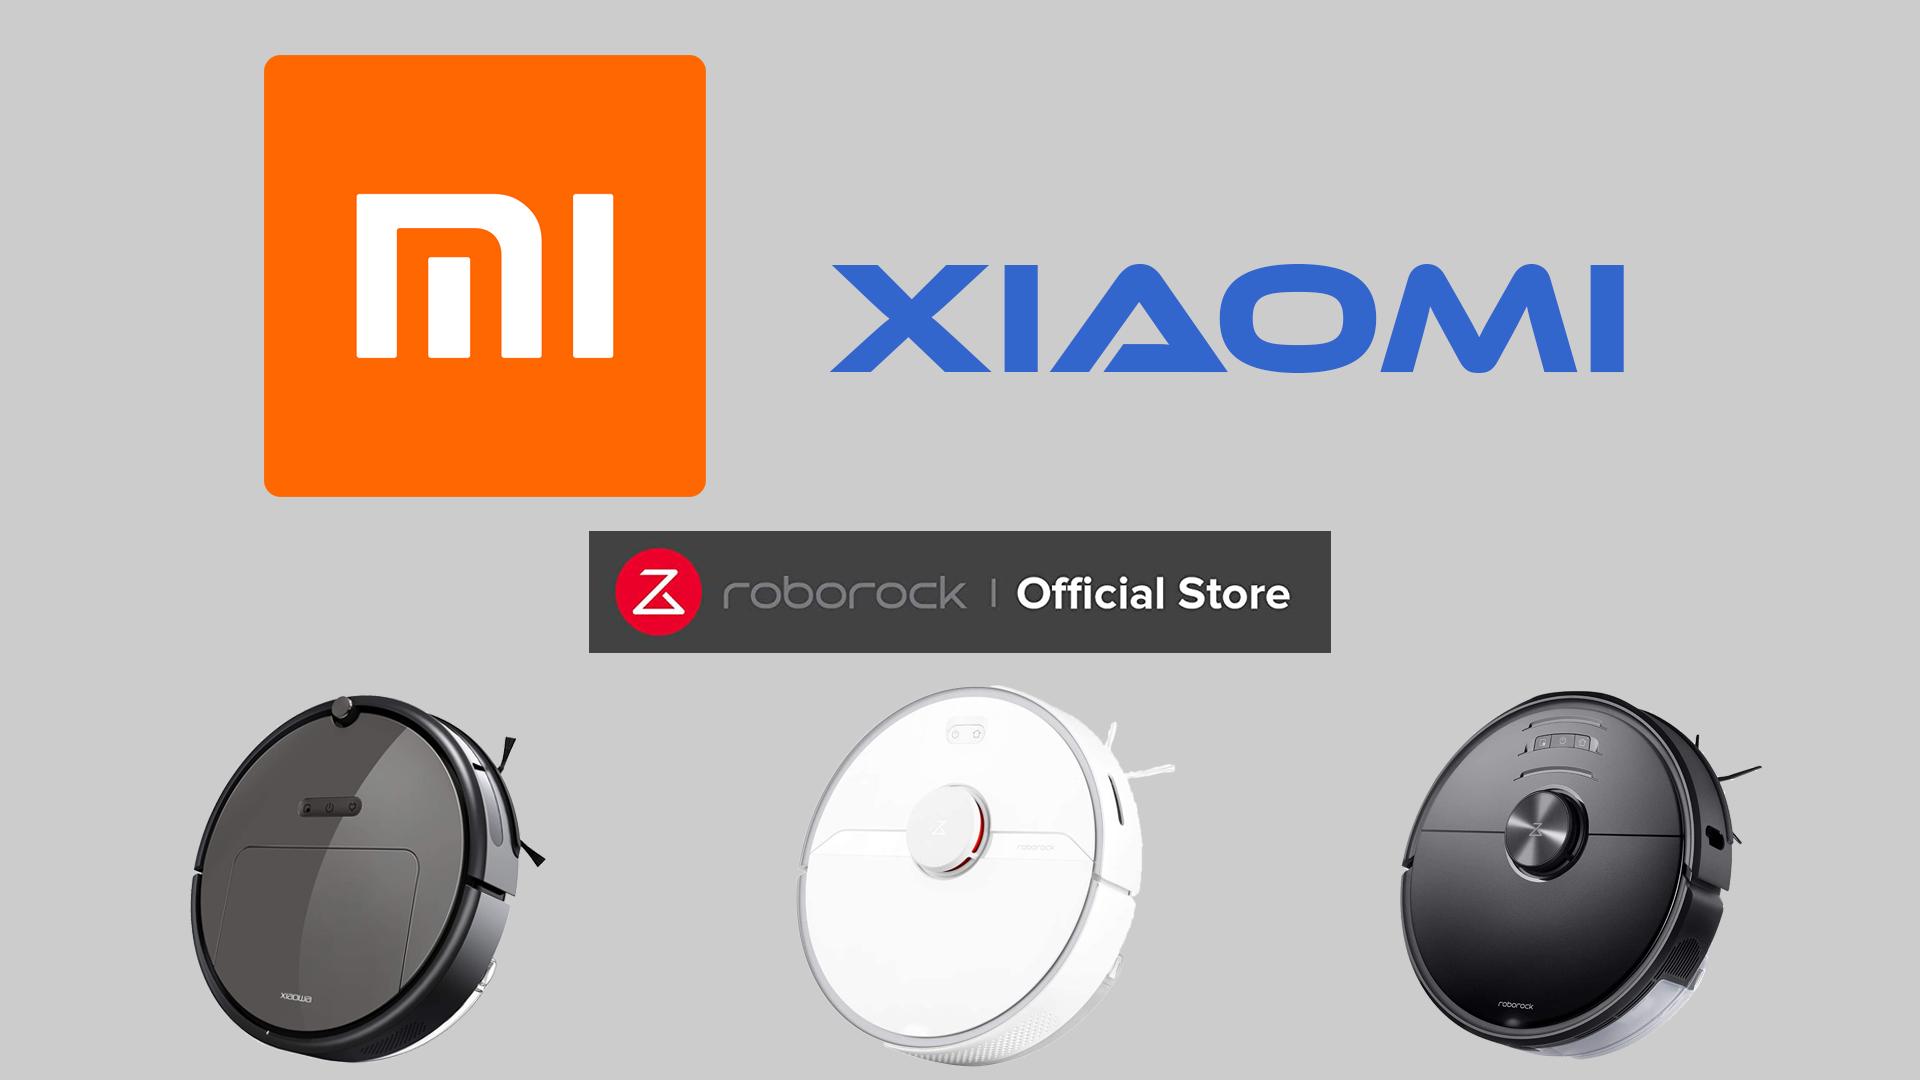 Xiaomi - Roborock, official store. Robot aspirador.